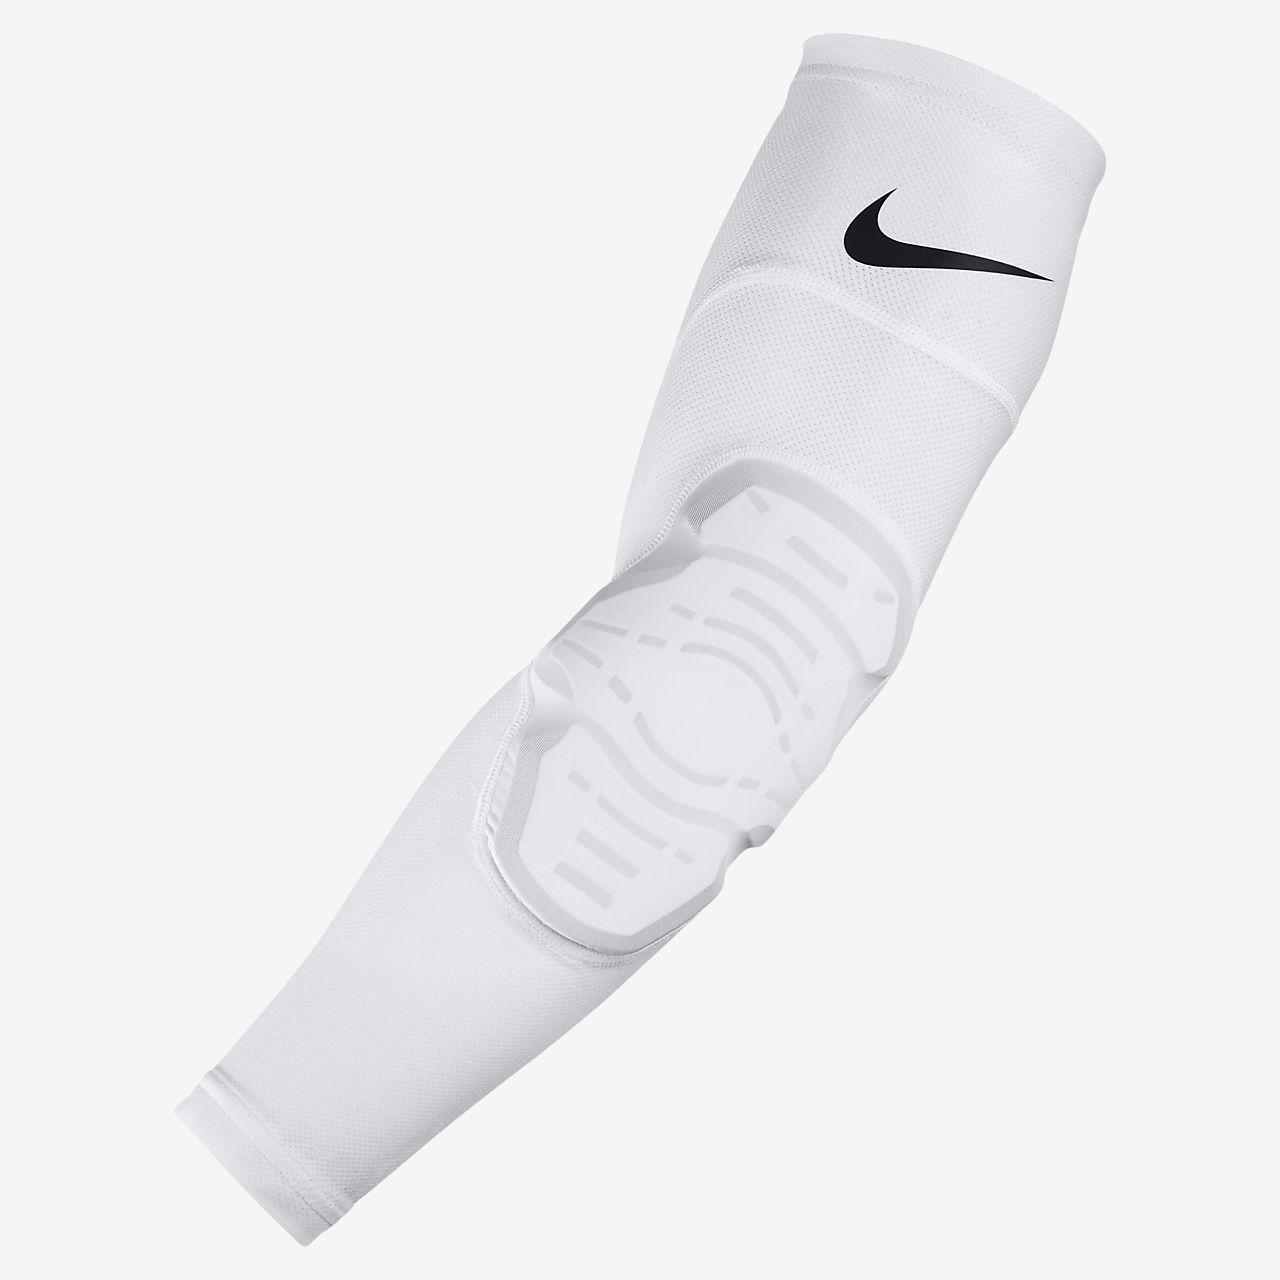 Nike Hyperstrong Padded肘部护套(1 只)